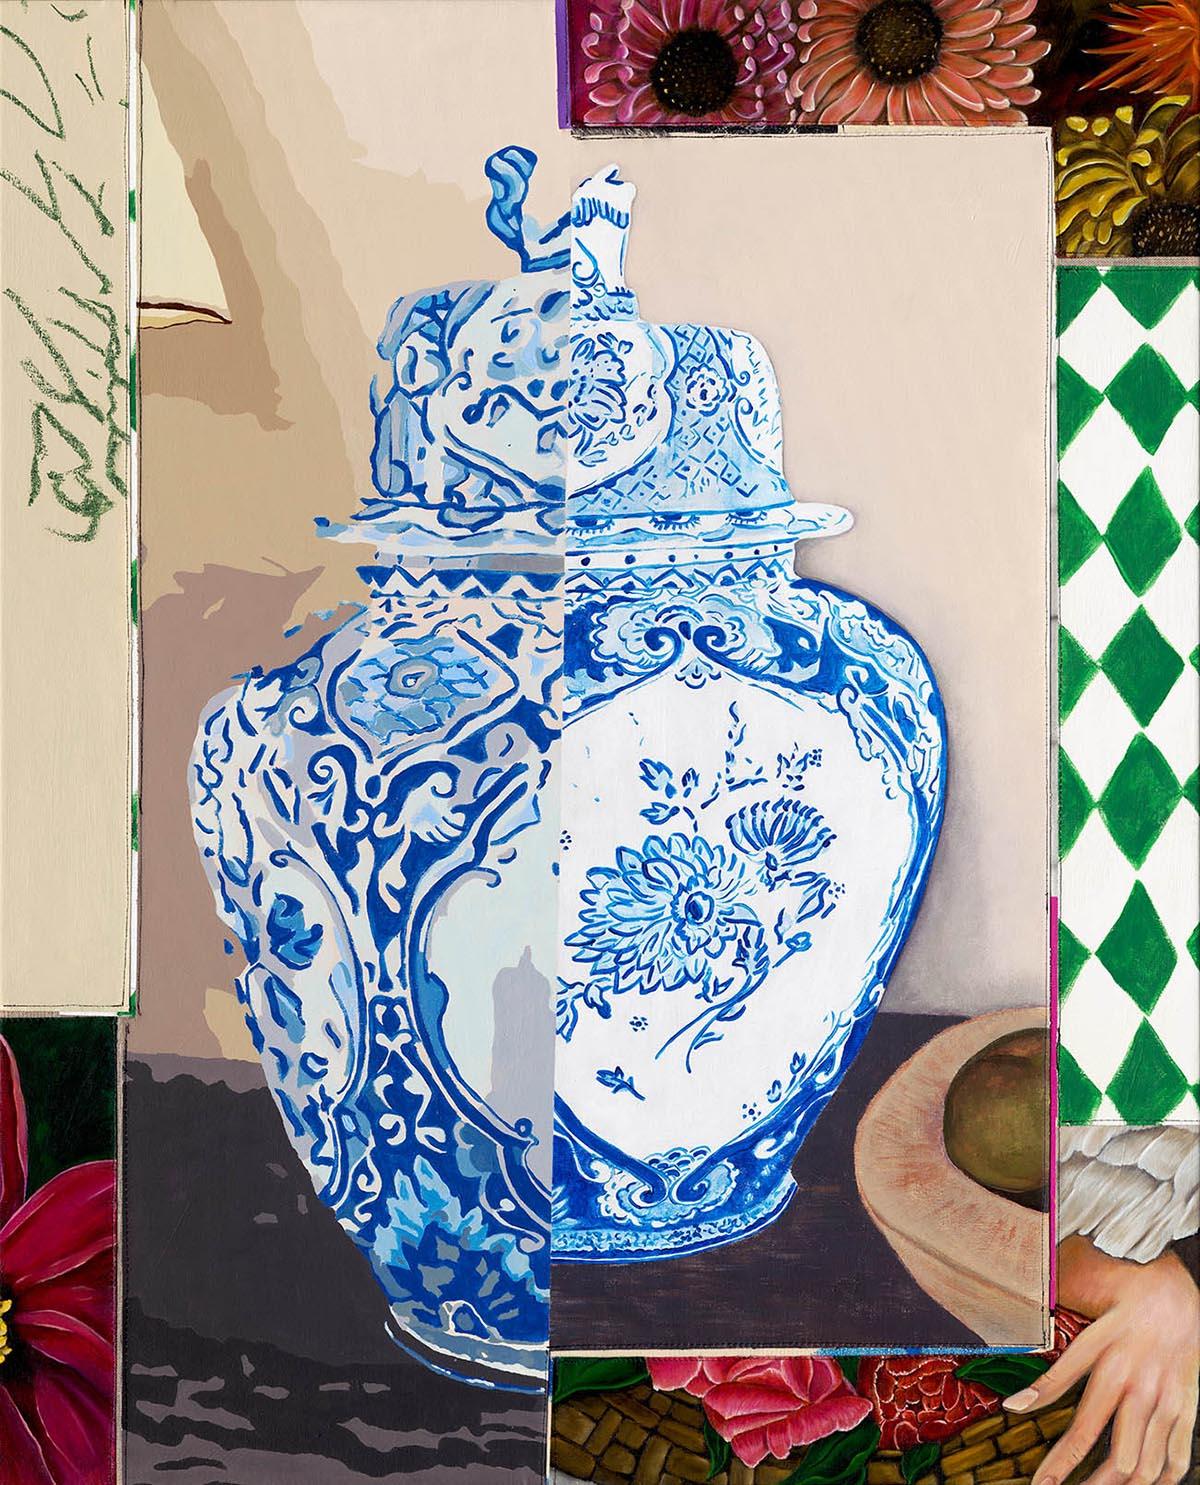 jasmin schülke, art gallery, exhibition, artsy, instagram art,